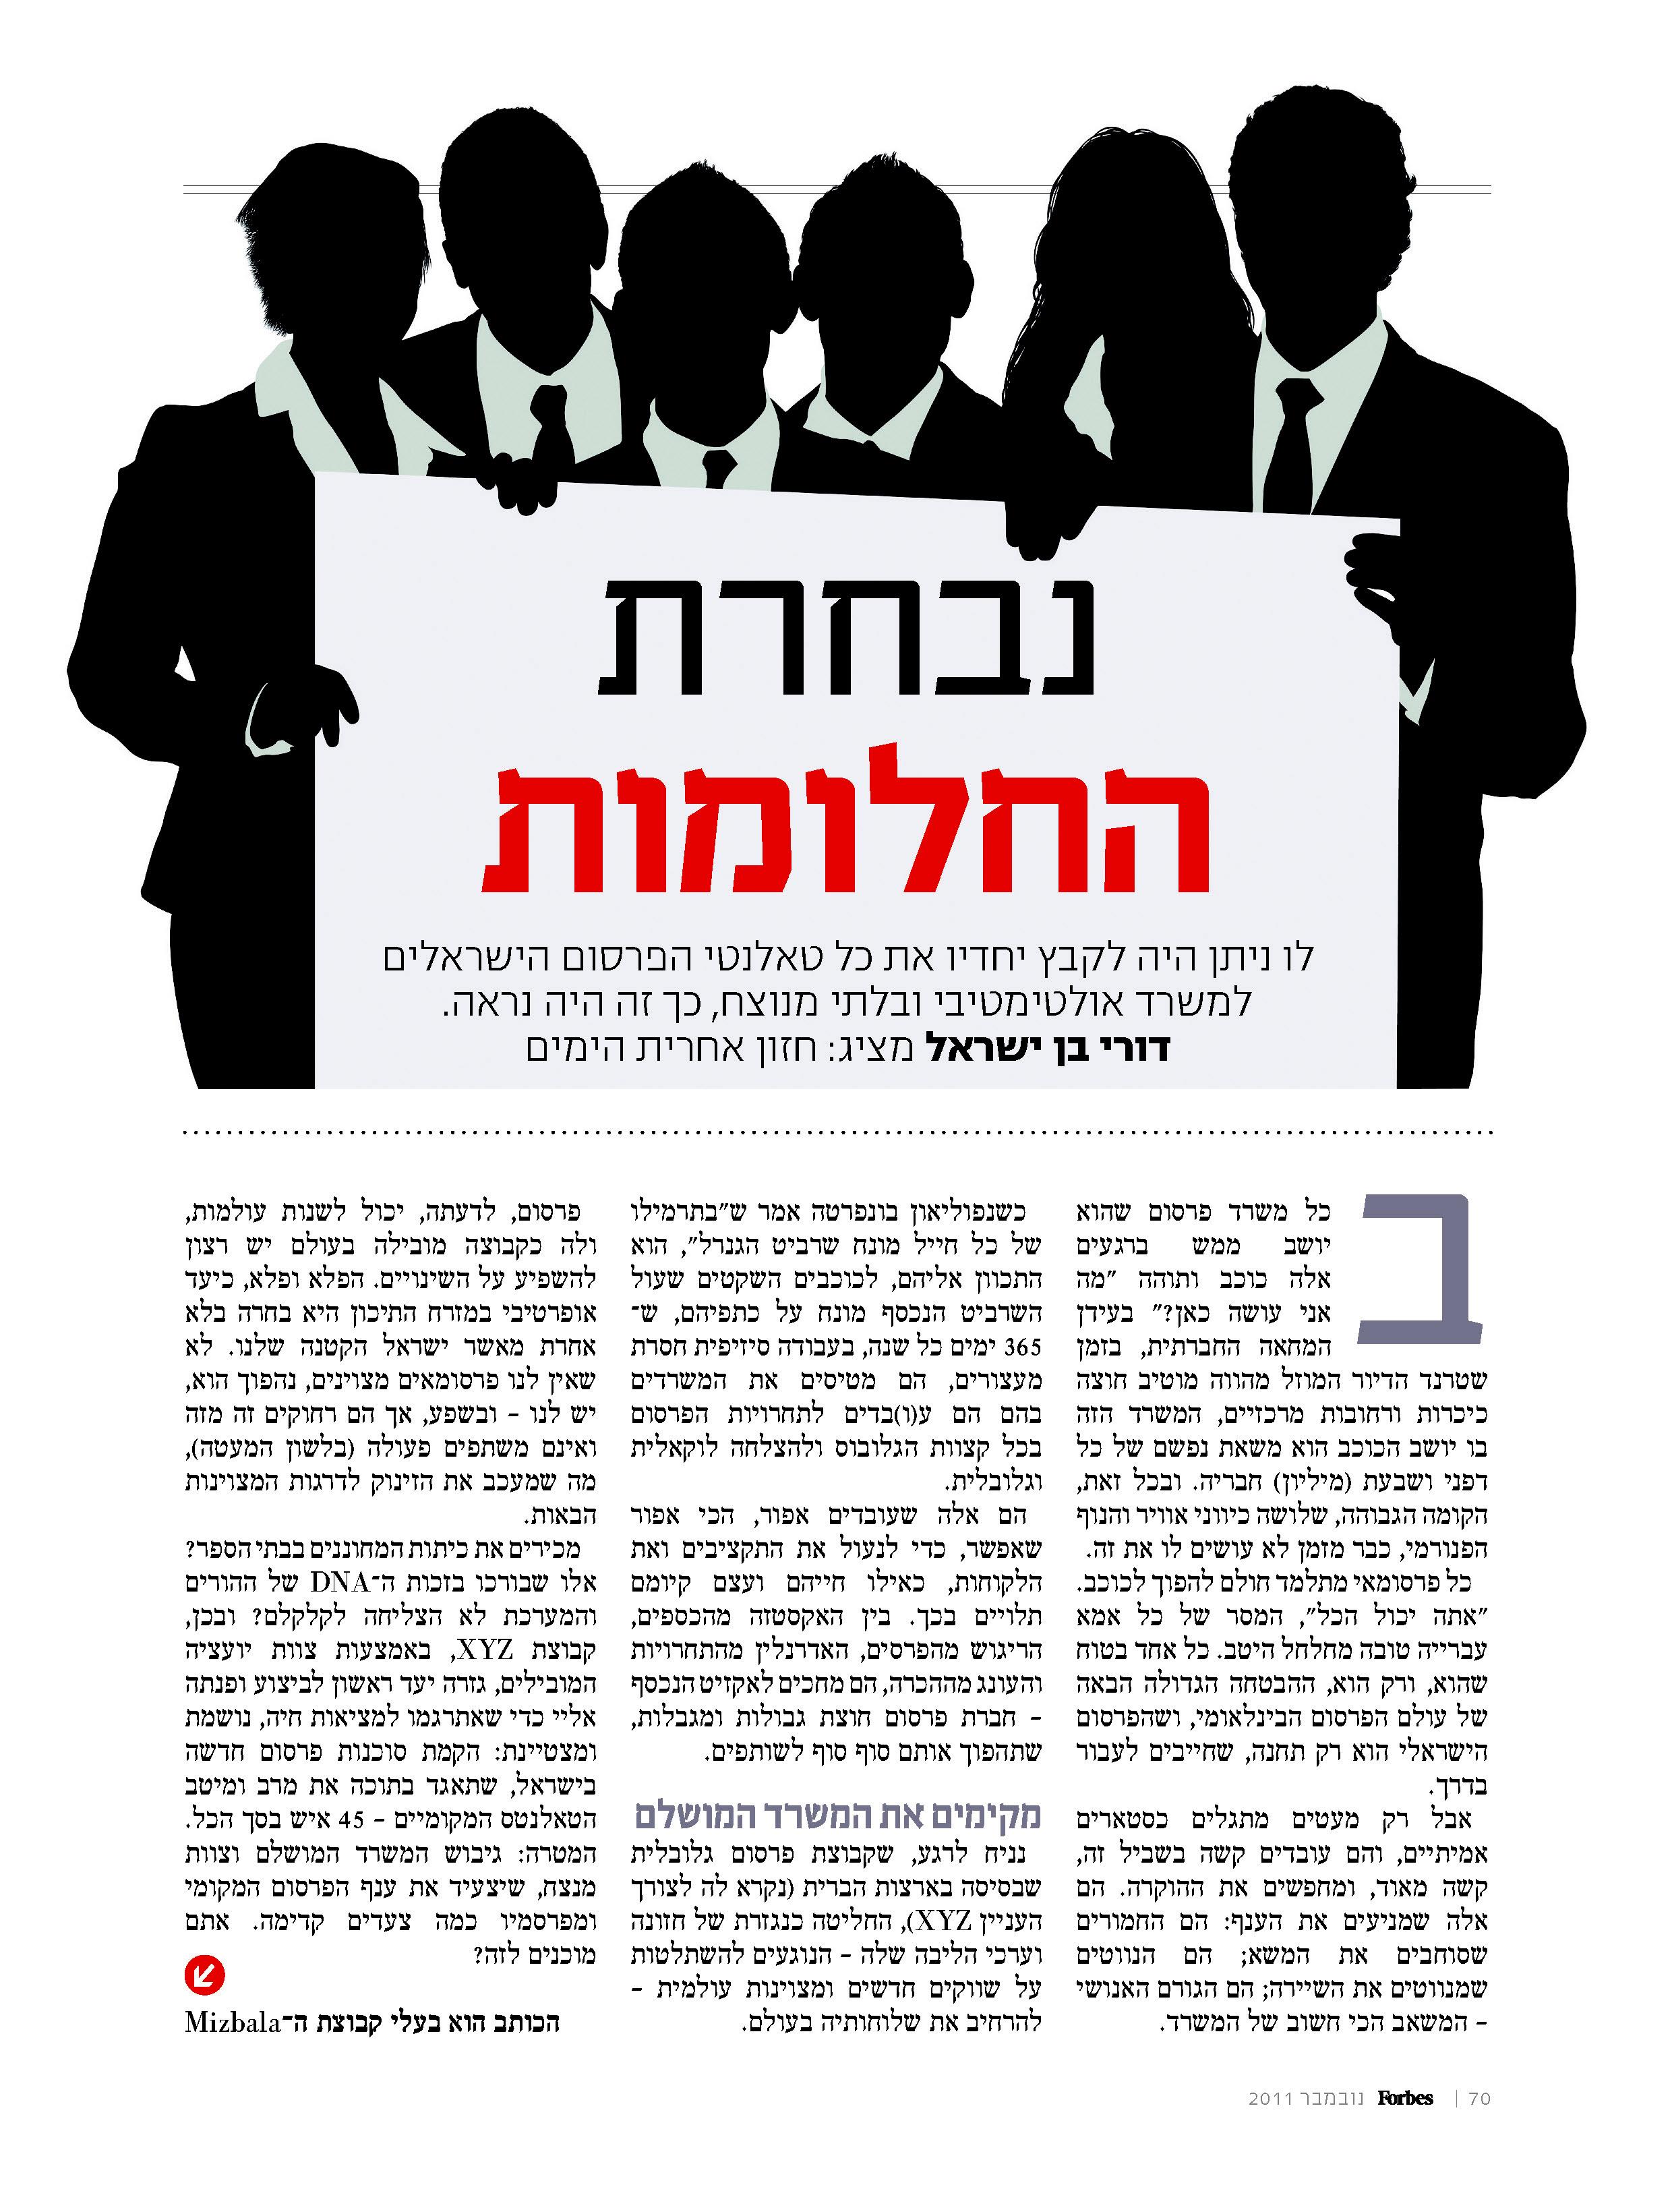 נבחרת החלומות - מתוך הכתבה במגזין פורבס של חודש נובמבר